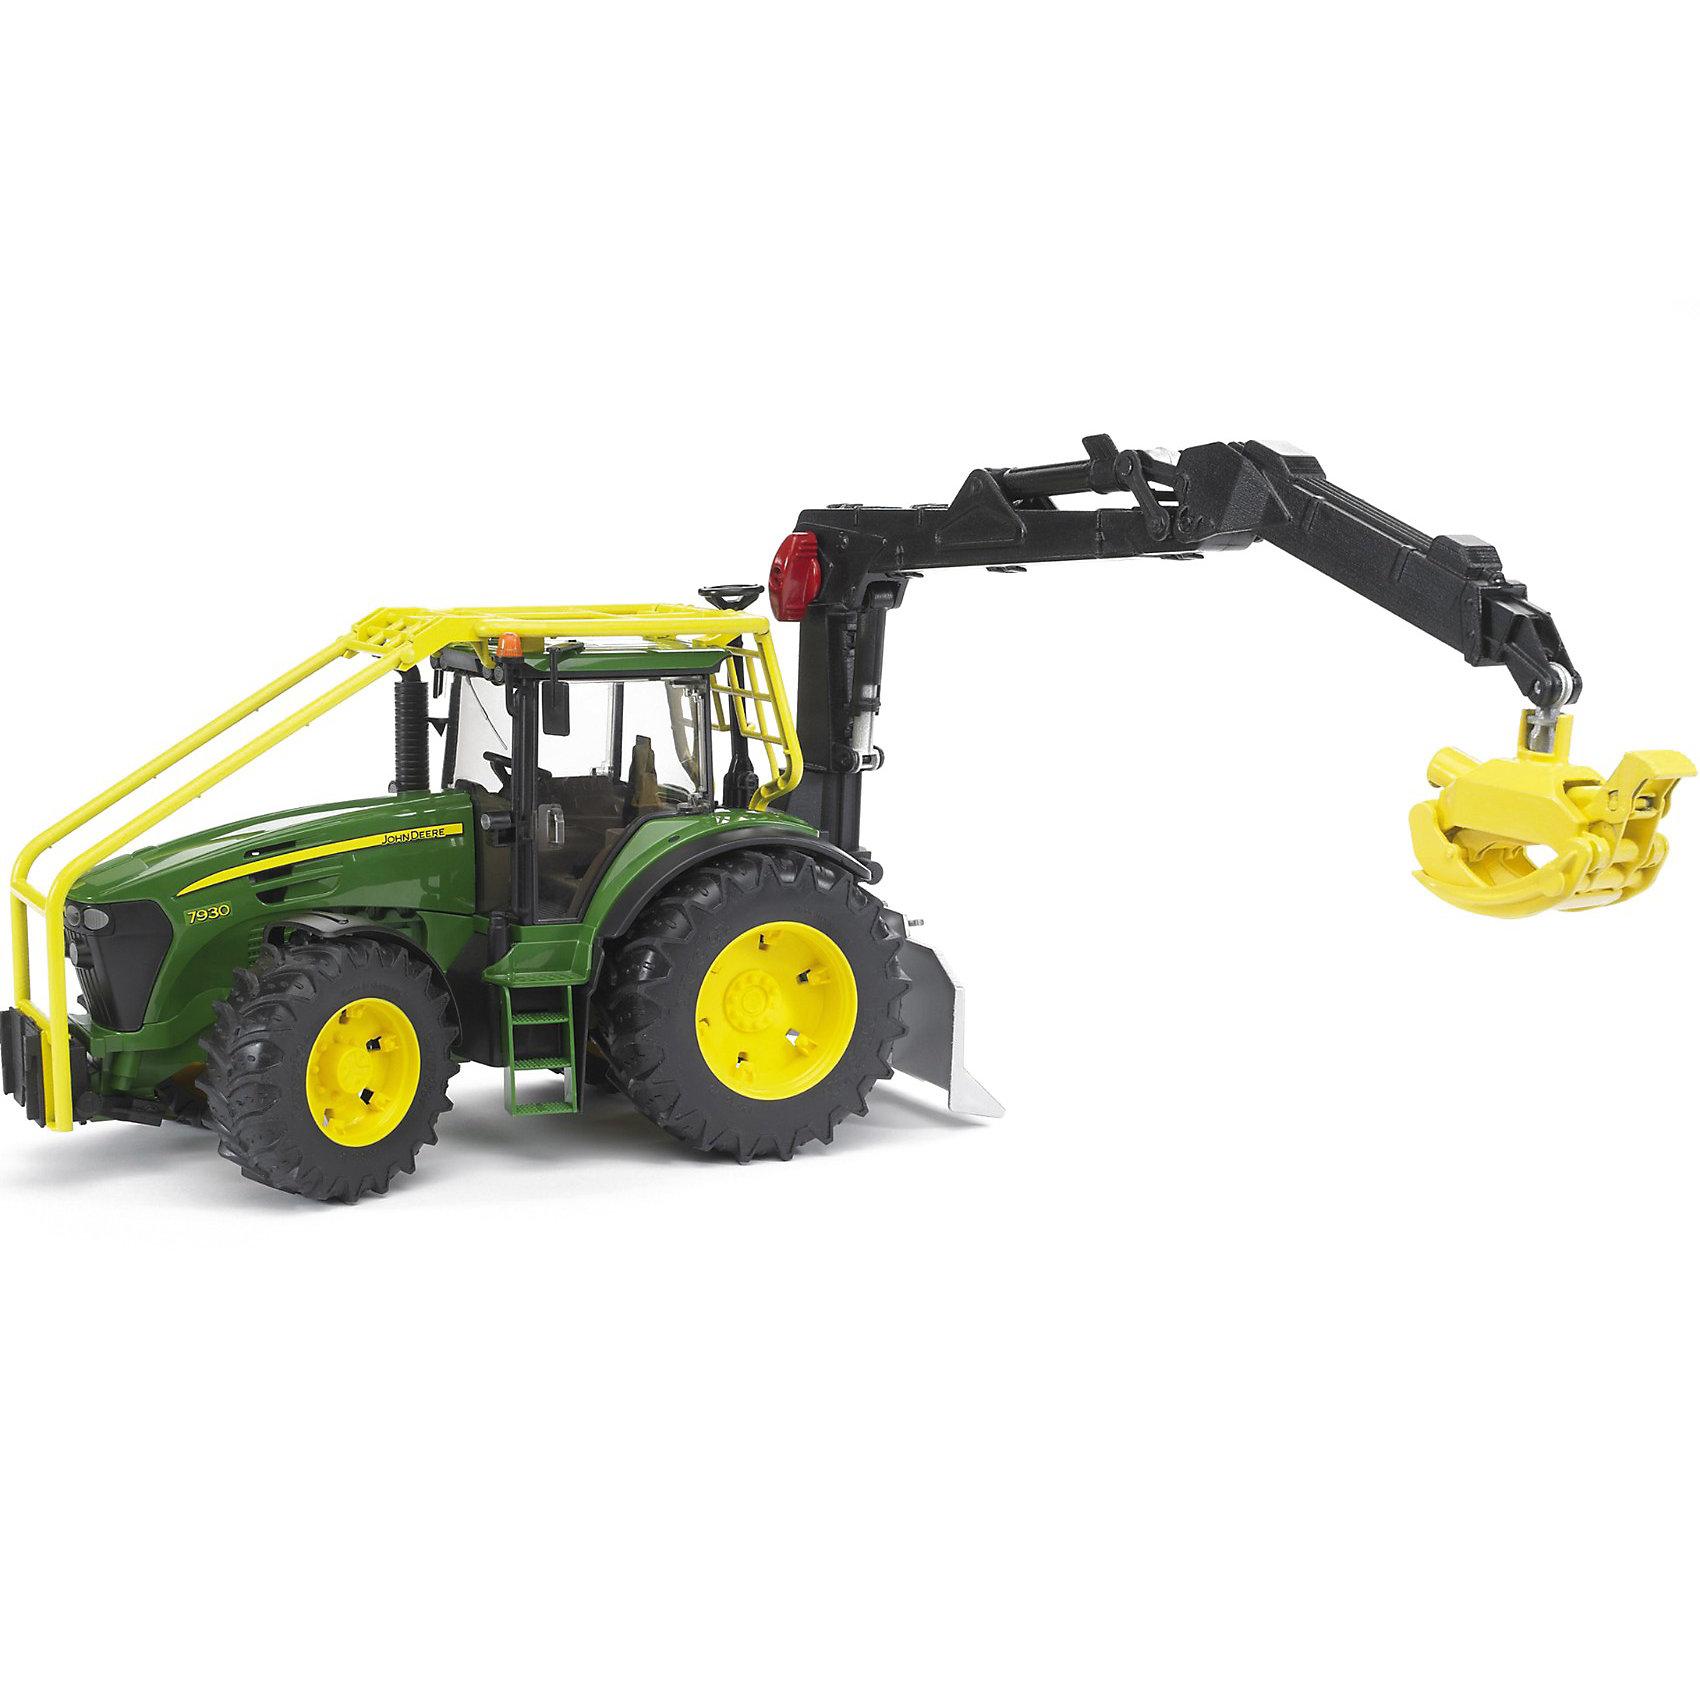 Трактор John Deere 7930 лесной с манипулятором, BruderКоллекционные модели<br>Трактор John Deere 7930 лесной с манипулятором Bruder (Брудер) это модель оригинальной техники в масштабе 1:16, которая станет замечательным подарком для Вашего ребенка. <br><br>Кабина трактора застеклена, оборудована вращающимся рулем, который поворачивает колеса на 45°, креслом и рычагом управления. Крышу кабины можно раздвинуть, вставить в нее рулевой стержень и управлять трактором сверху. Капот трактора открывается, предоставляя доступ к двигателю.<br><br>Манипулятор трактора подвижен, его можно зафиксировать в любом положении. В ковше манипулятора можно закреплять бревна и загружать их в прицеп. Трактор оснащён отвалом с крюком и фаркопом. На трактор можно устанавливать навесное оборудование или прицеп.<br><br>Крупные колёса трактора резиновые с протекторами, что обеспечивает тихий ход машины и сохранность напольного покрытия.<br><br>Дополнительная информация:<br><br>- Материал: высококачественный пластик, резина. <br>- Размер игрушки: 43,5 x 17,5 x 28,5 см. <br>- Размер упаковки: 52 х 19,5 х 27 см.  <br>- Вес: 1,63 кг. <br><br>Игровая техника Брудер развивает у ребенка логическое мышление и воображение, мелкую моторику, зрительное восприятие и память.<br><br>Трактор John Deere 7930 лесной  Bruder можно купить в нашем интернет-магазине.<br><br>Ширина мм: 510<br>Глубина мм: 265<br>Высота мм: 190<br>Вес г: 1608<br>Возраст от месяцев: 48<br>Возраст до месяцев: 96<br>Пол: Мужской<br>Возраст: Детский<br>SKU: 2514134